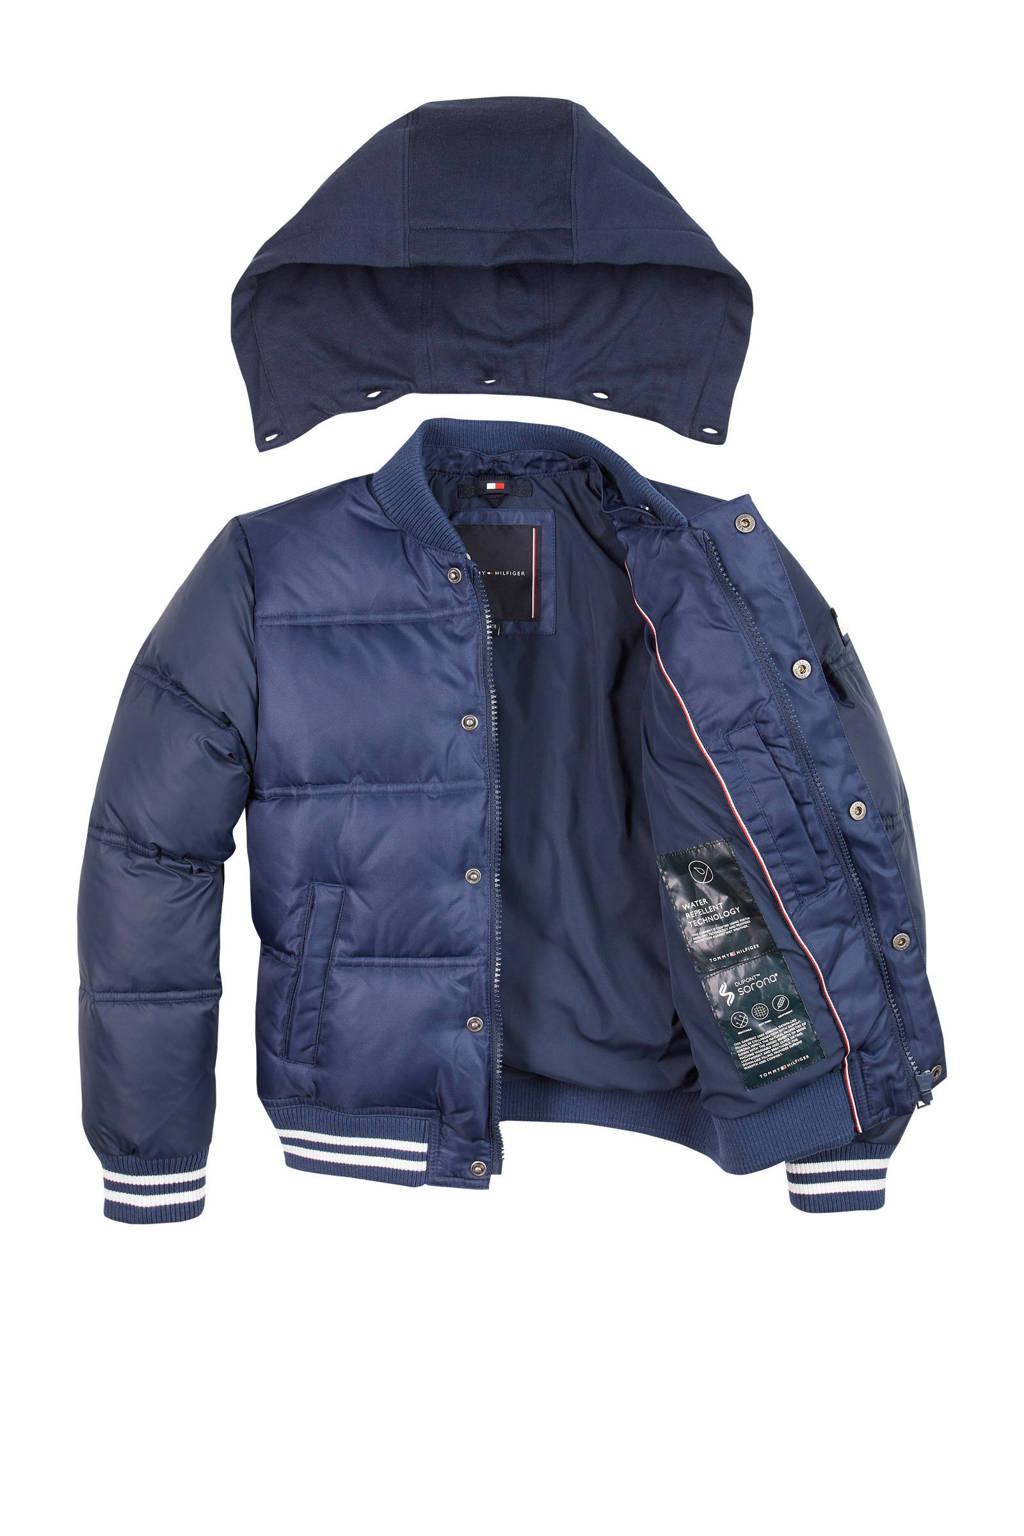 Tommy Hilfiger gewatteerde winterjas met borduursels donkerblauw/wit, Donkerblauw/wit